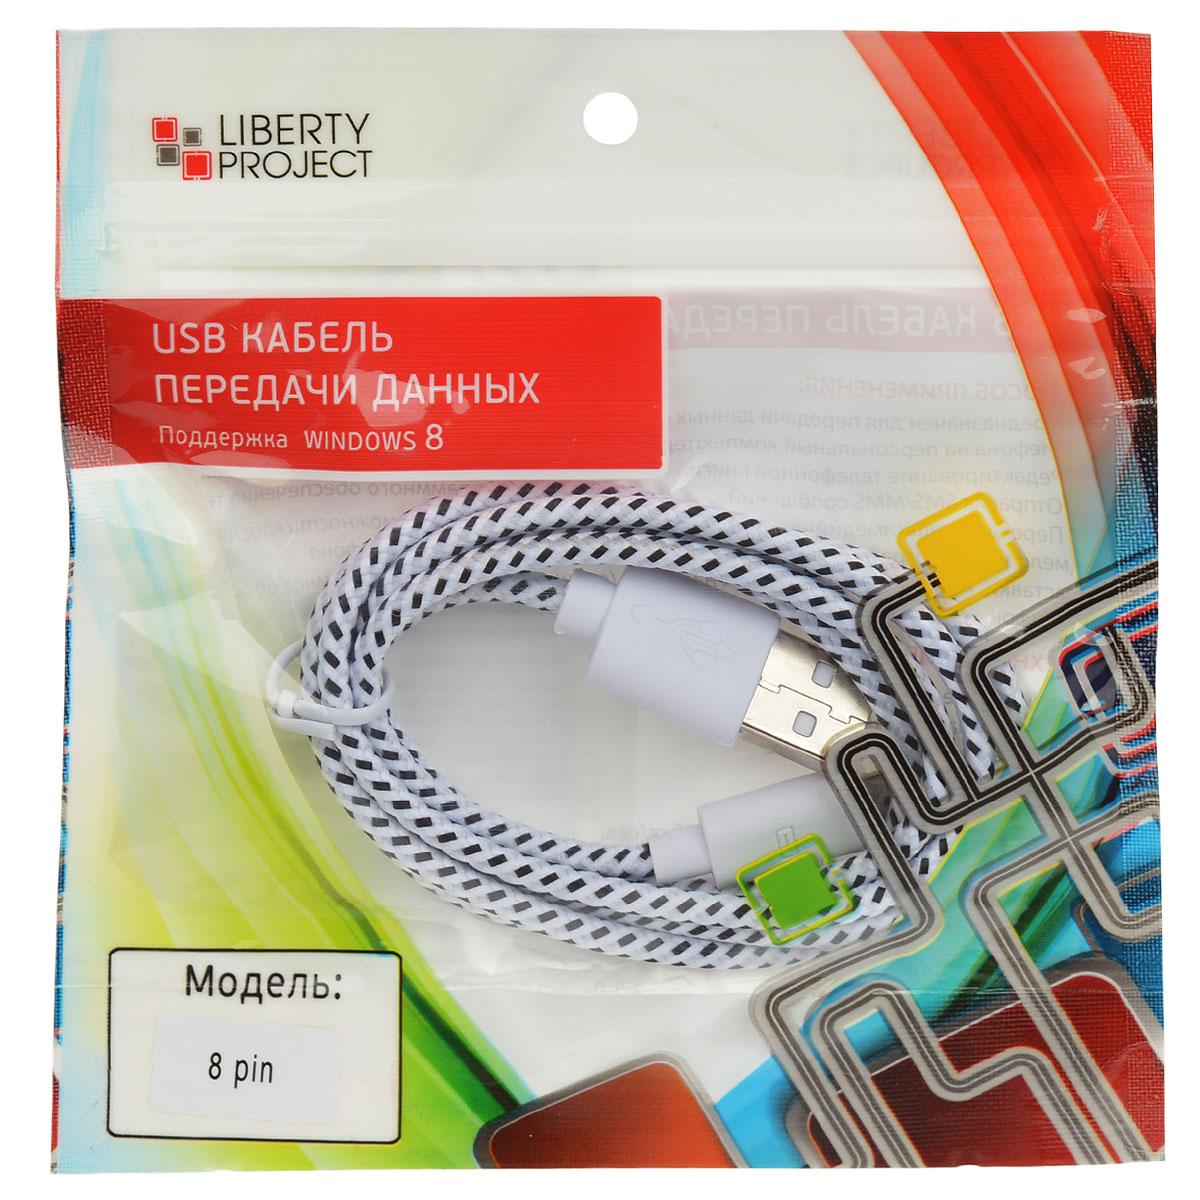 Liberty Project дата-кабель Apple Lightning в оплетке, White BlackR0007947Кабель Liberty Project Apple Lightning предназначен для передачи данных с вашего устройства на персональный компьютер, а также зарядки от источников питания с USB выходом.